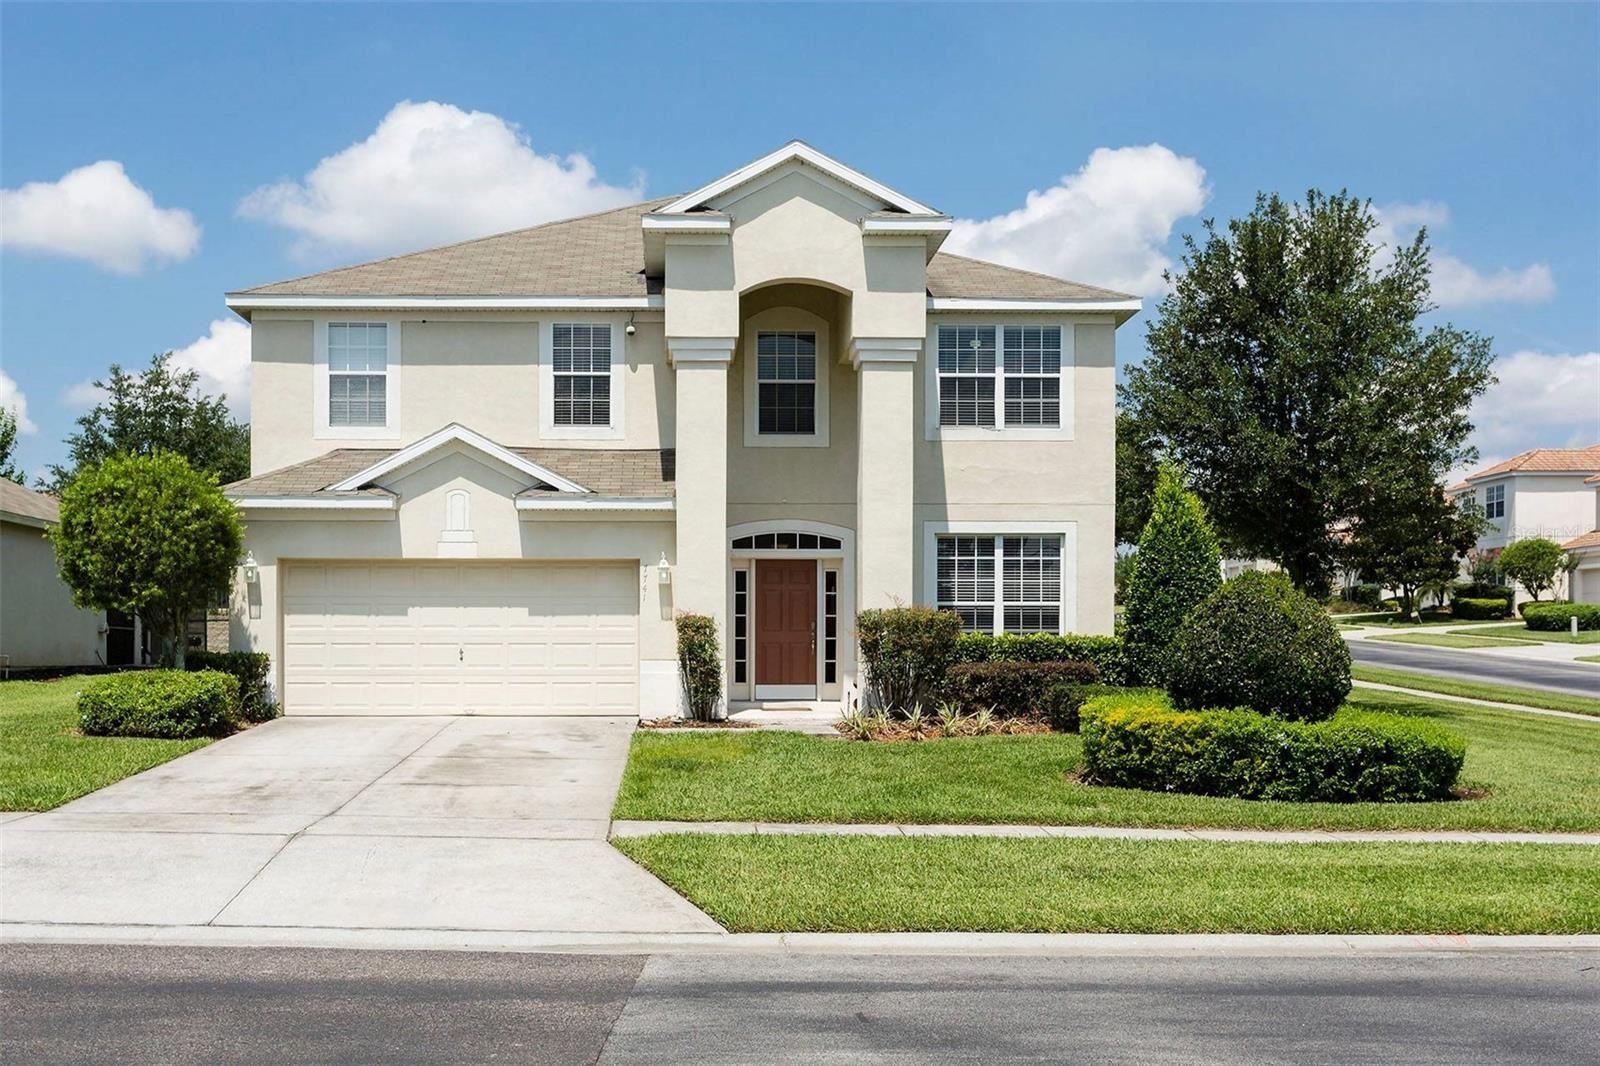 7741 BASNETT CIRCLE, Kissimmee, FL 34747 - #: R4904921